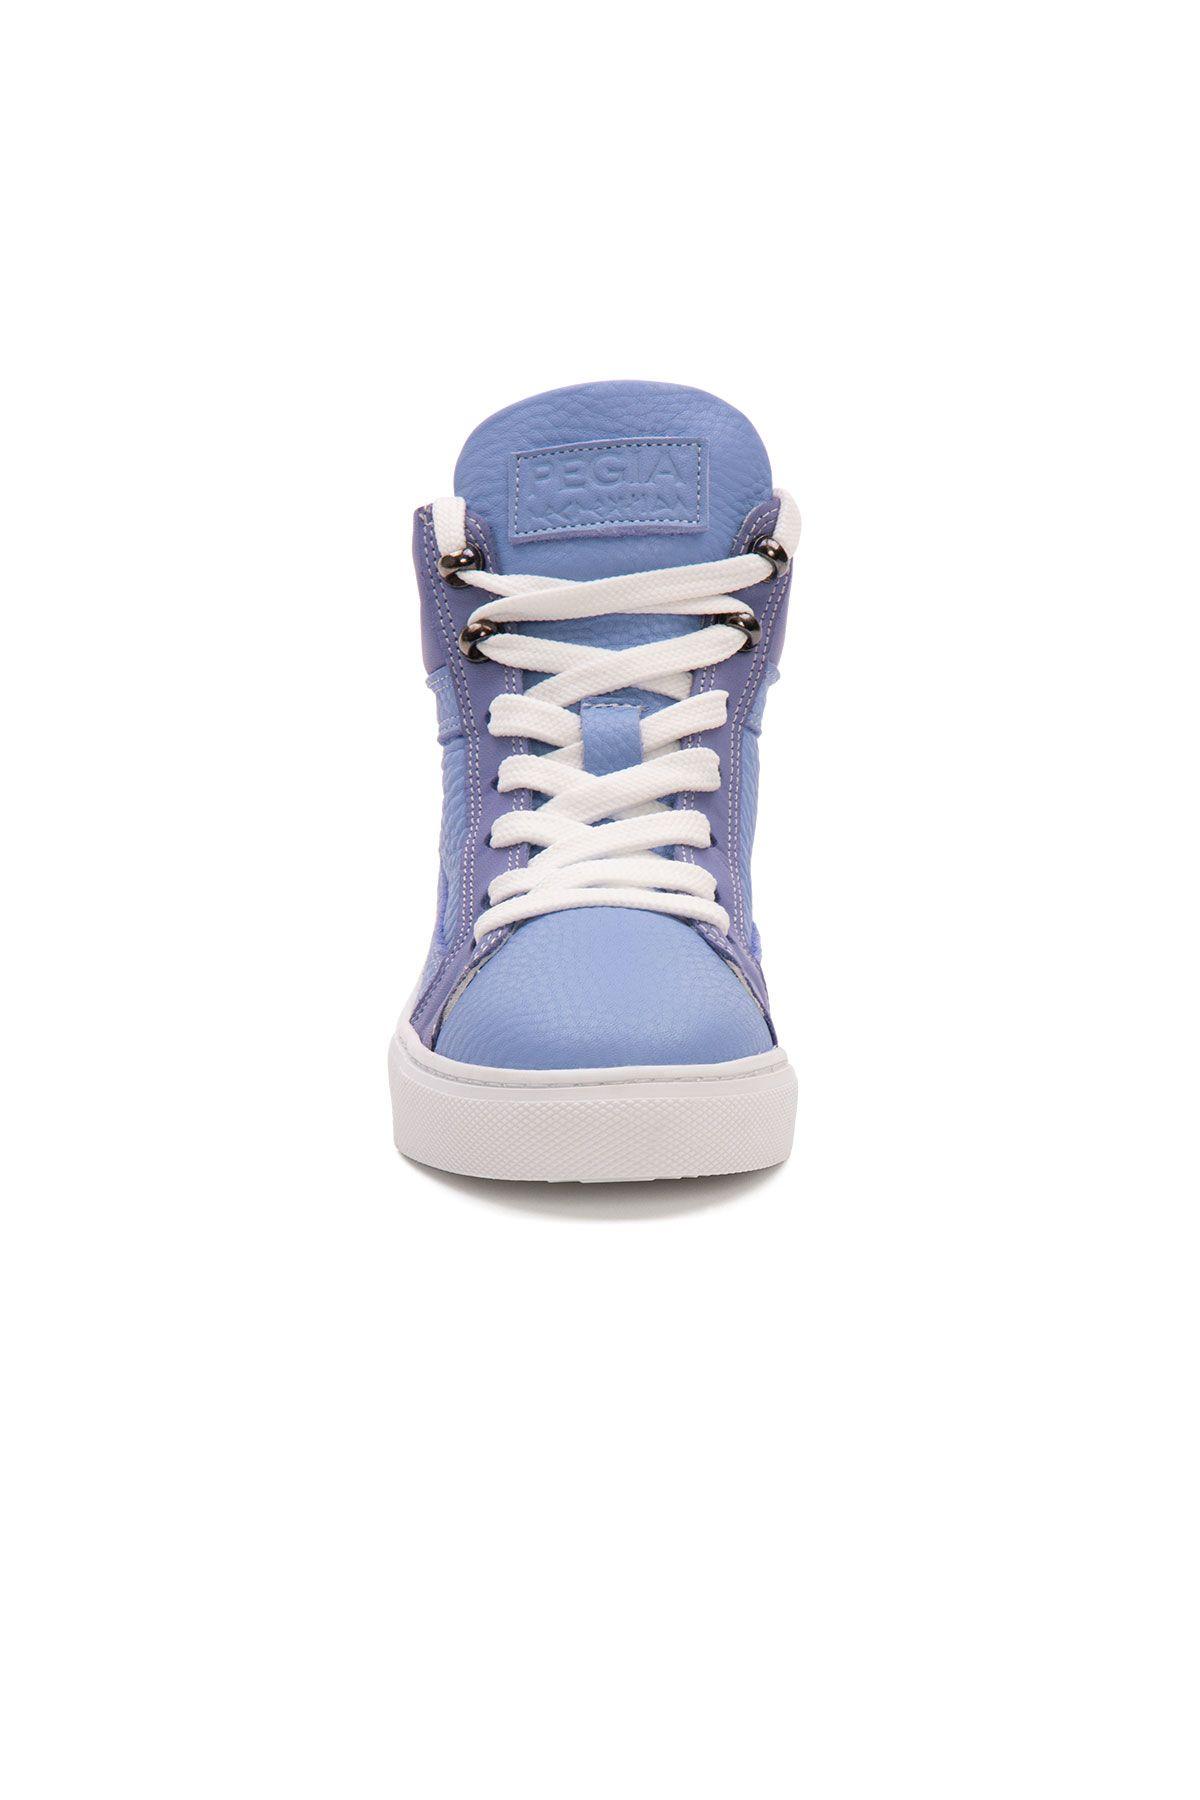 Pegia Genuine Leather Women's Sneaker LA1217 Blue